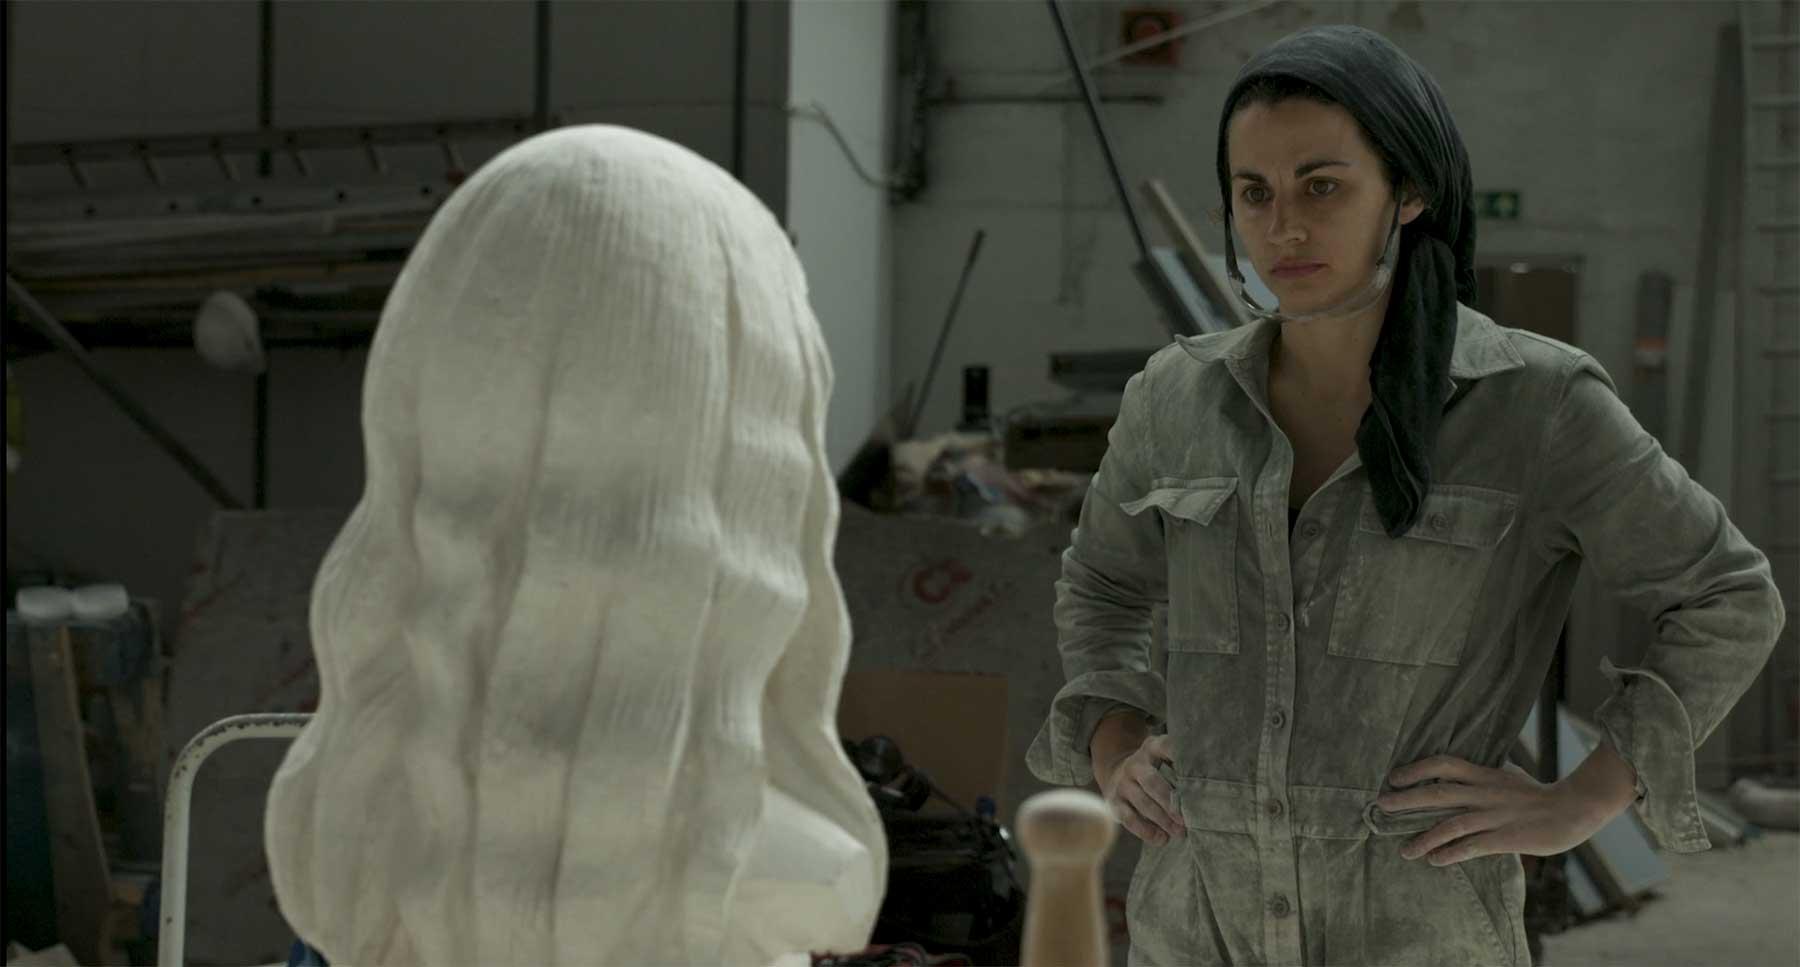 Einer modernen Bildhauerin über die Schulter geschaut